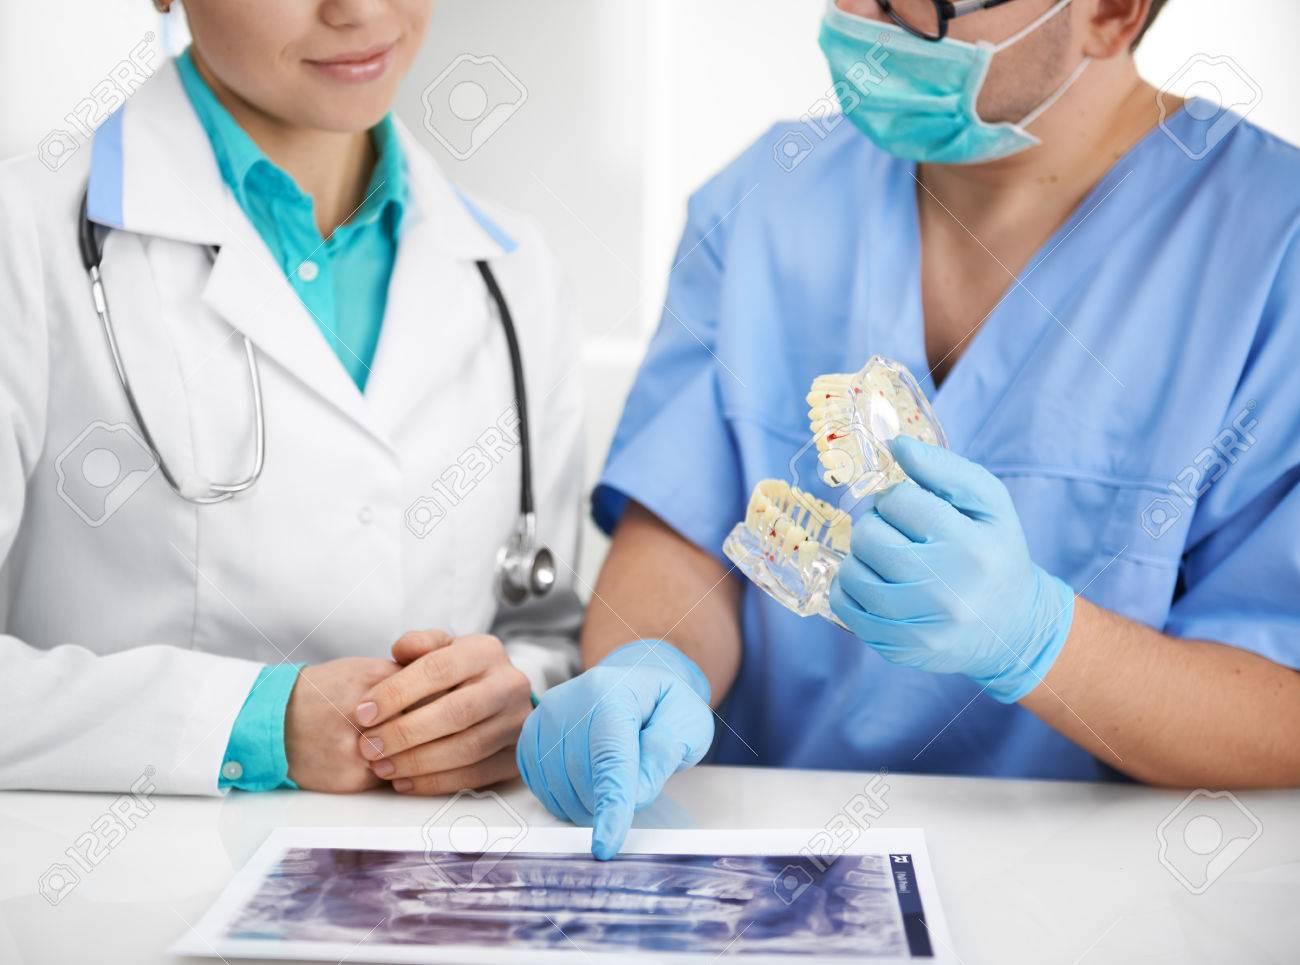 Los Médicos Reunidos En El Laboratorio. Dos Especialistas Dentales ...